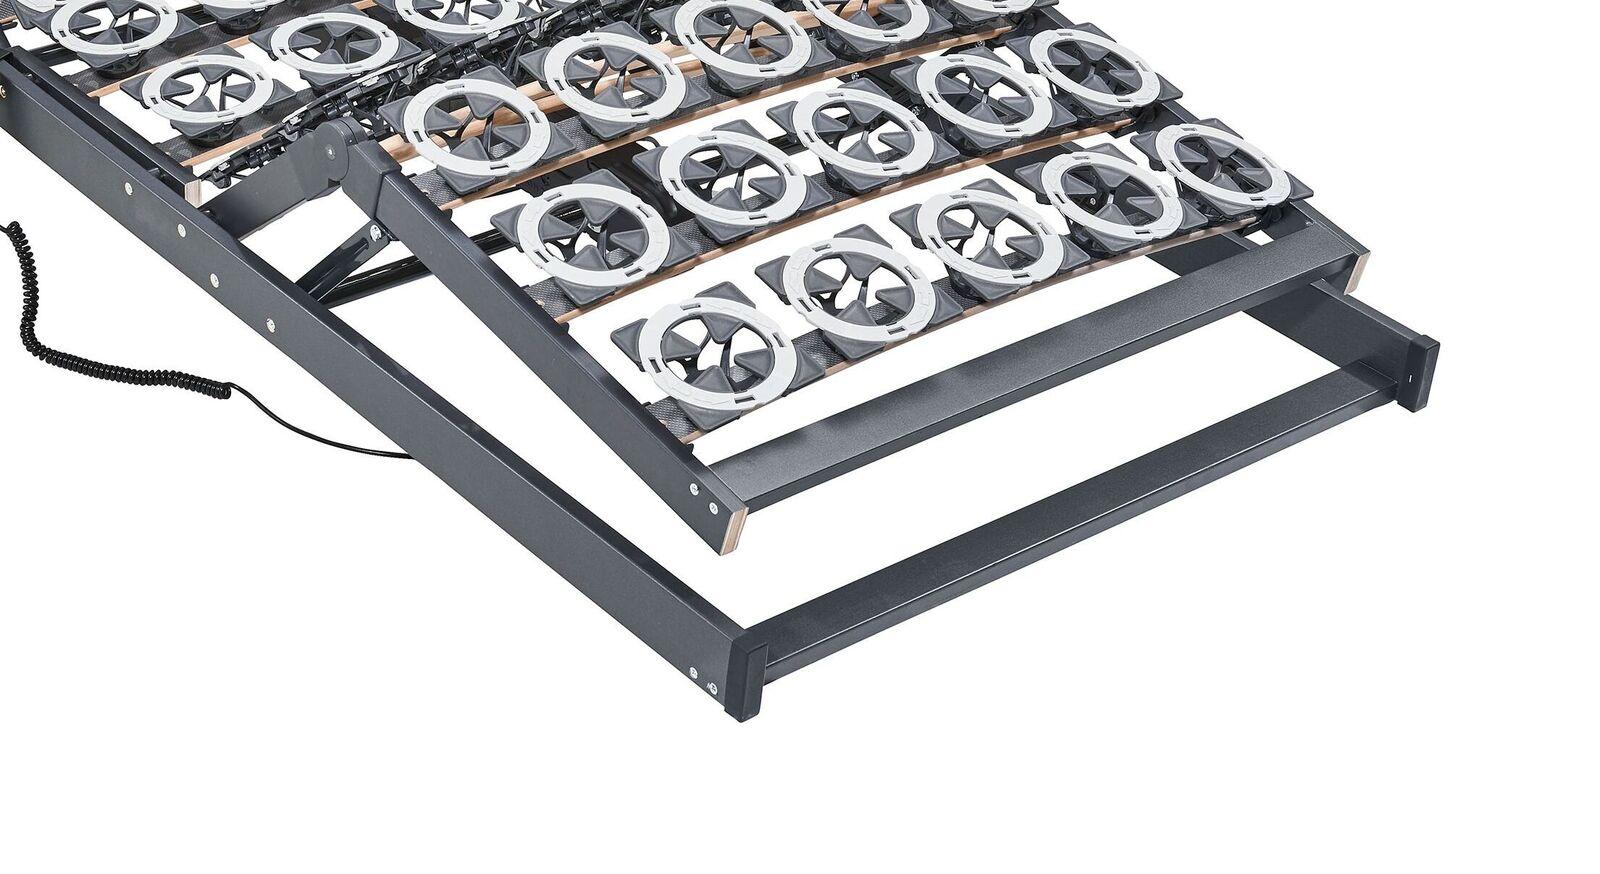 MUSTERRING Motor-Tellerlattenrost Orthomatic FHR 100 mit flexiblen Elementen